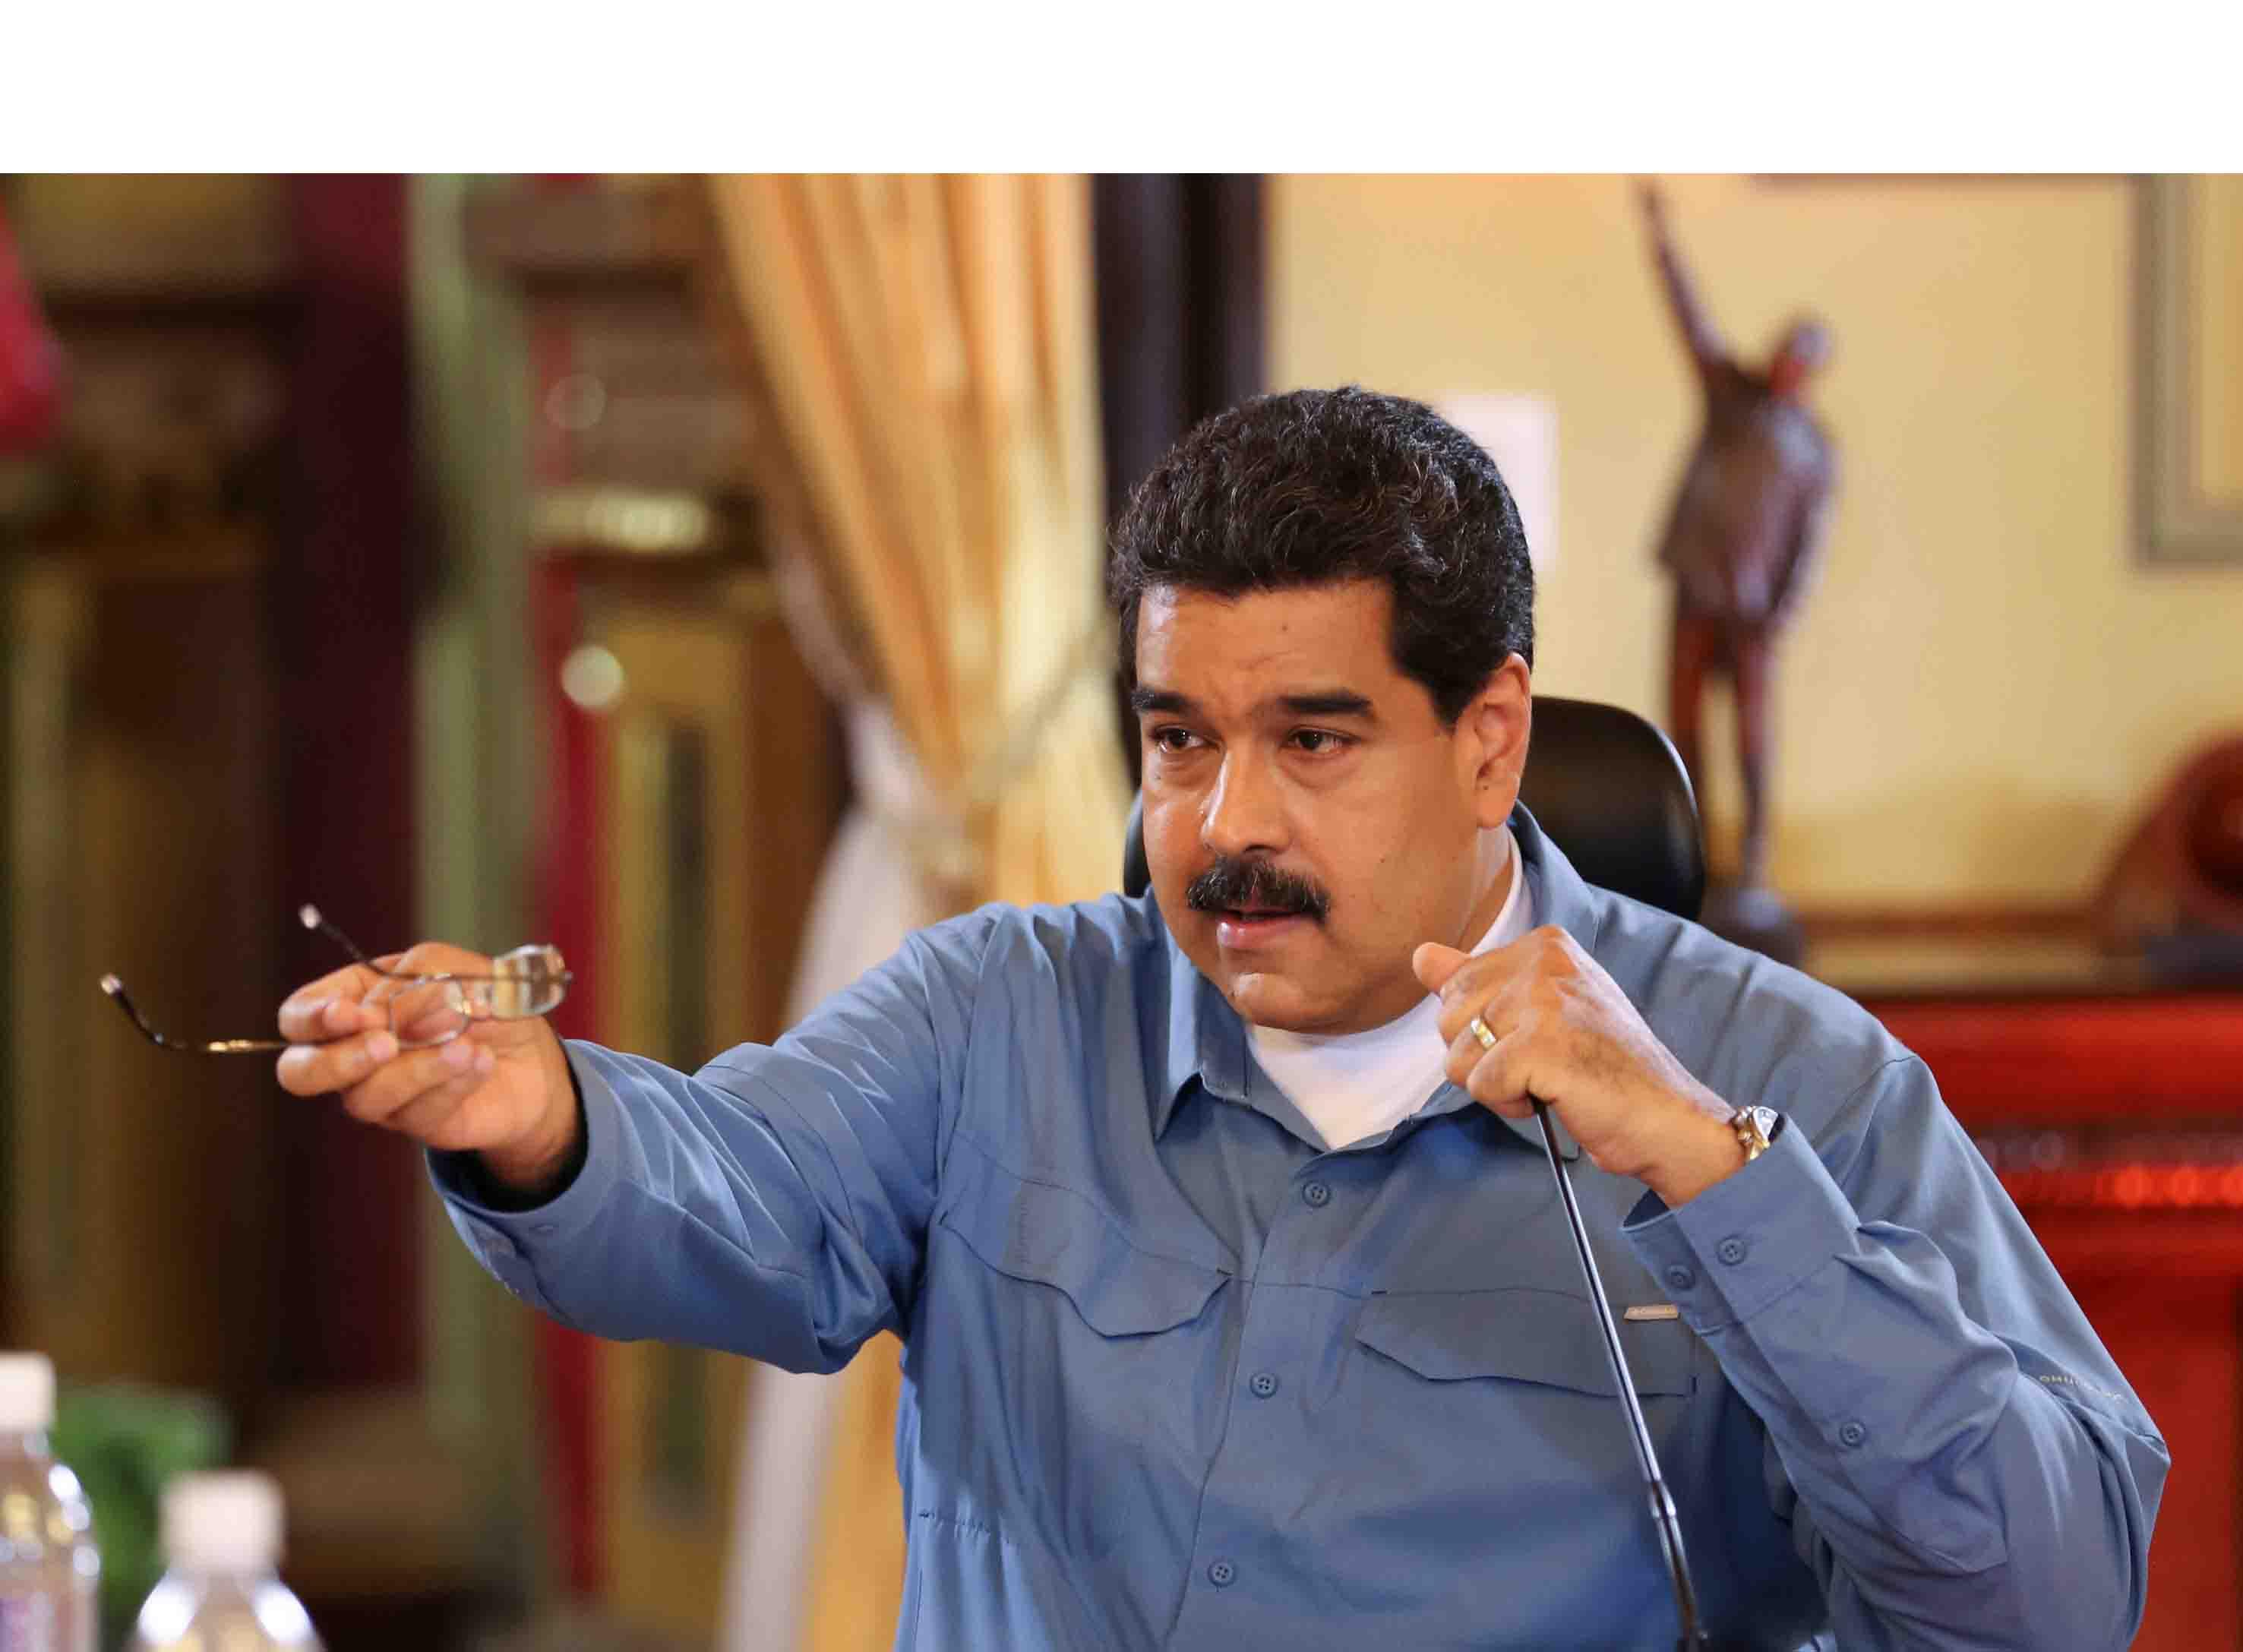 Maduro presidente de Venezuela coloco al frente al General Padrino López para el correcto abastecimiento en las áreas de alimentos y medicinas